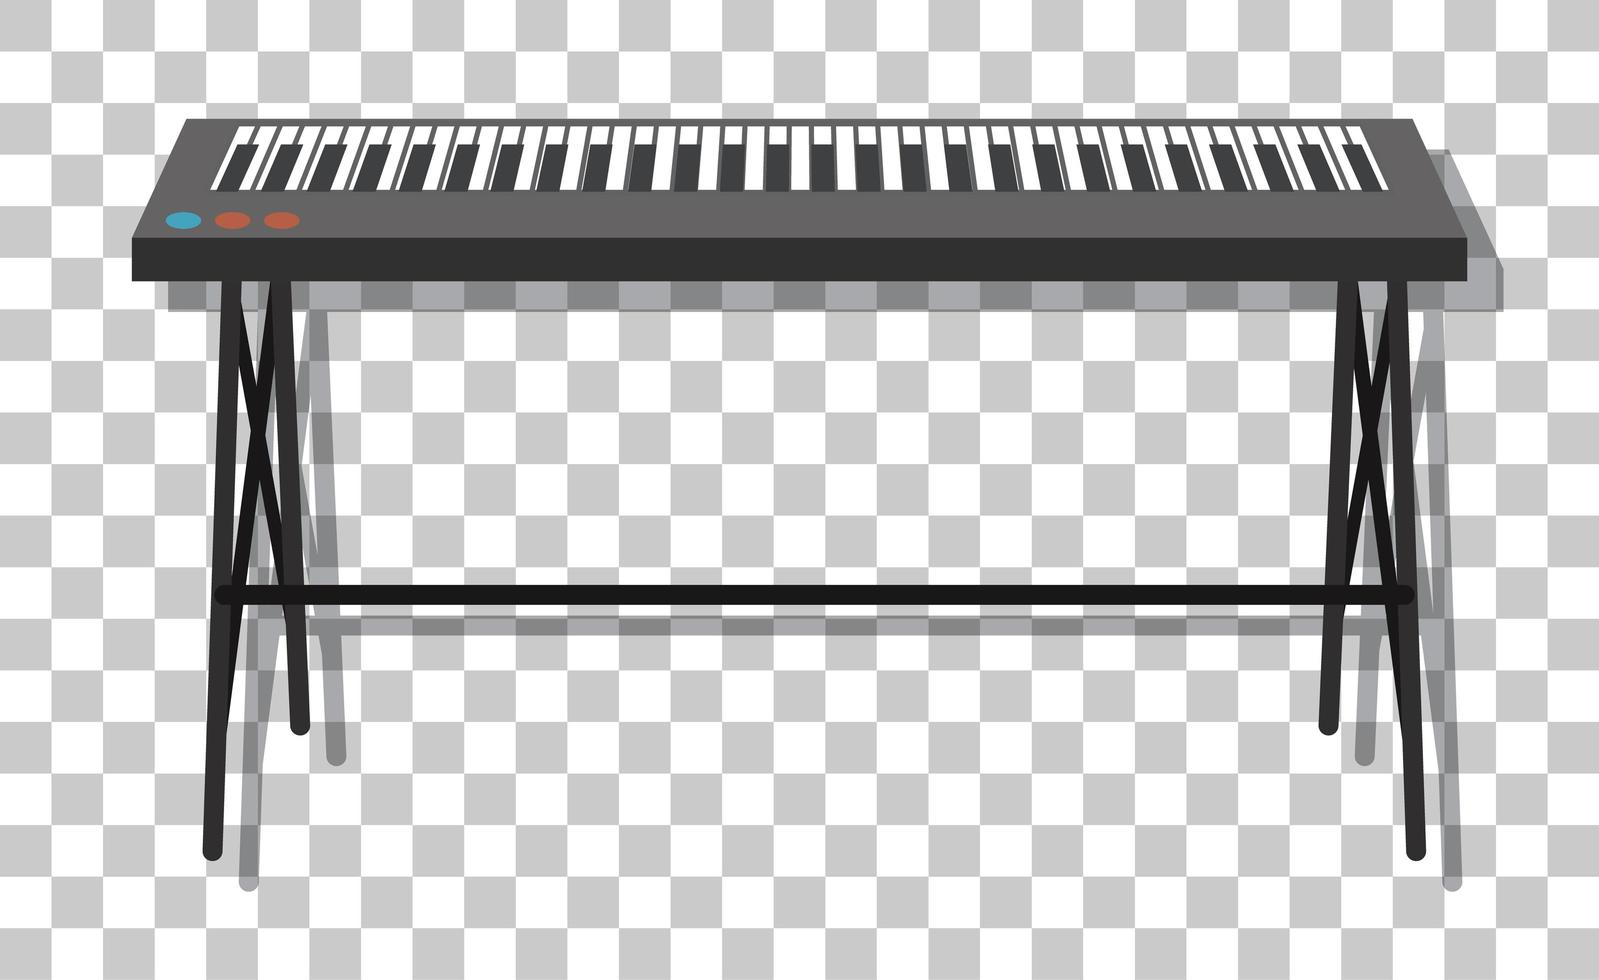 Piano electrónico con soporte metálico aislado sobre fondo transparente vector